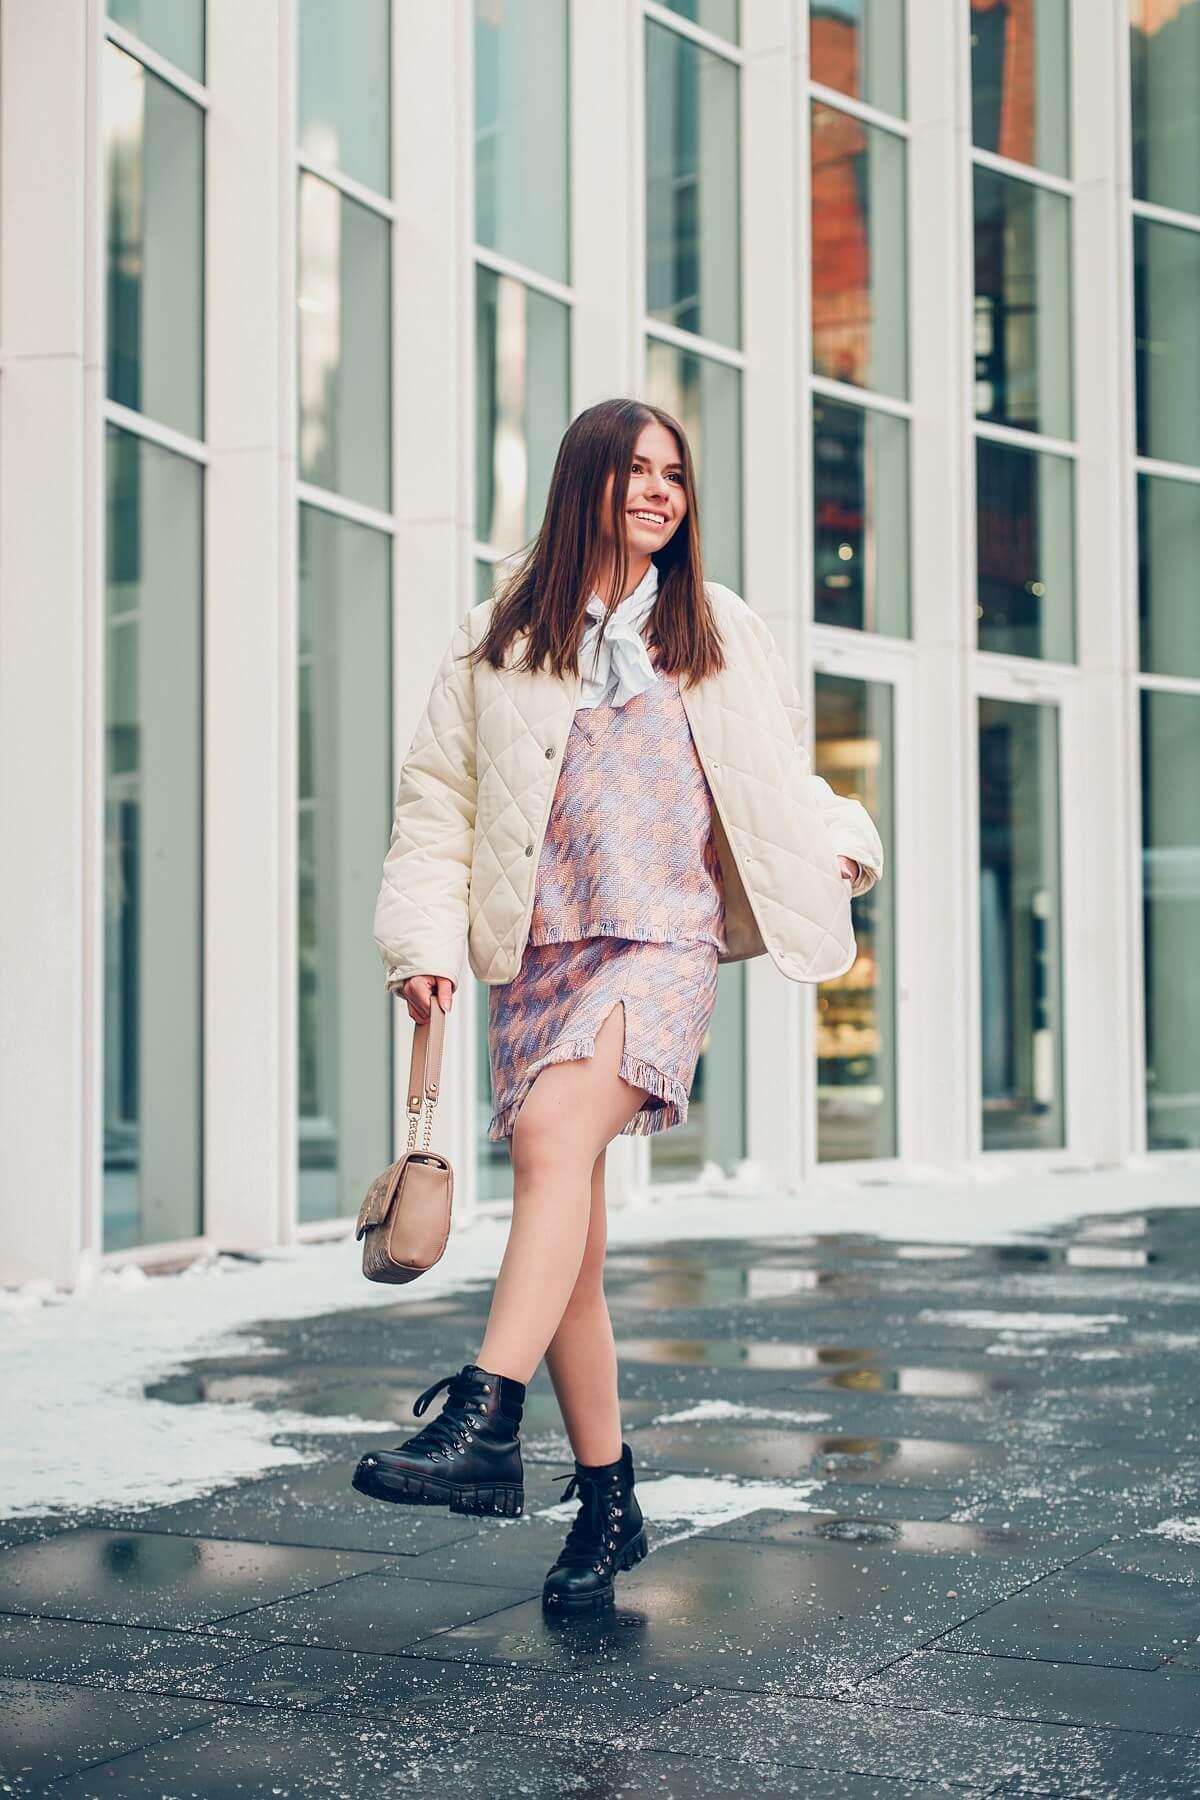 Blair Waldorf kamizelka,  mini spódniczka, pikowana kurtka